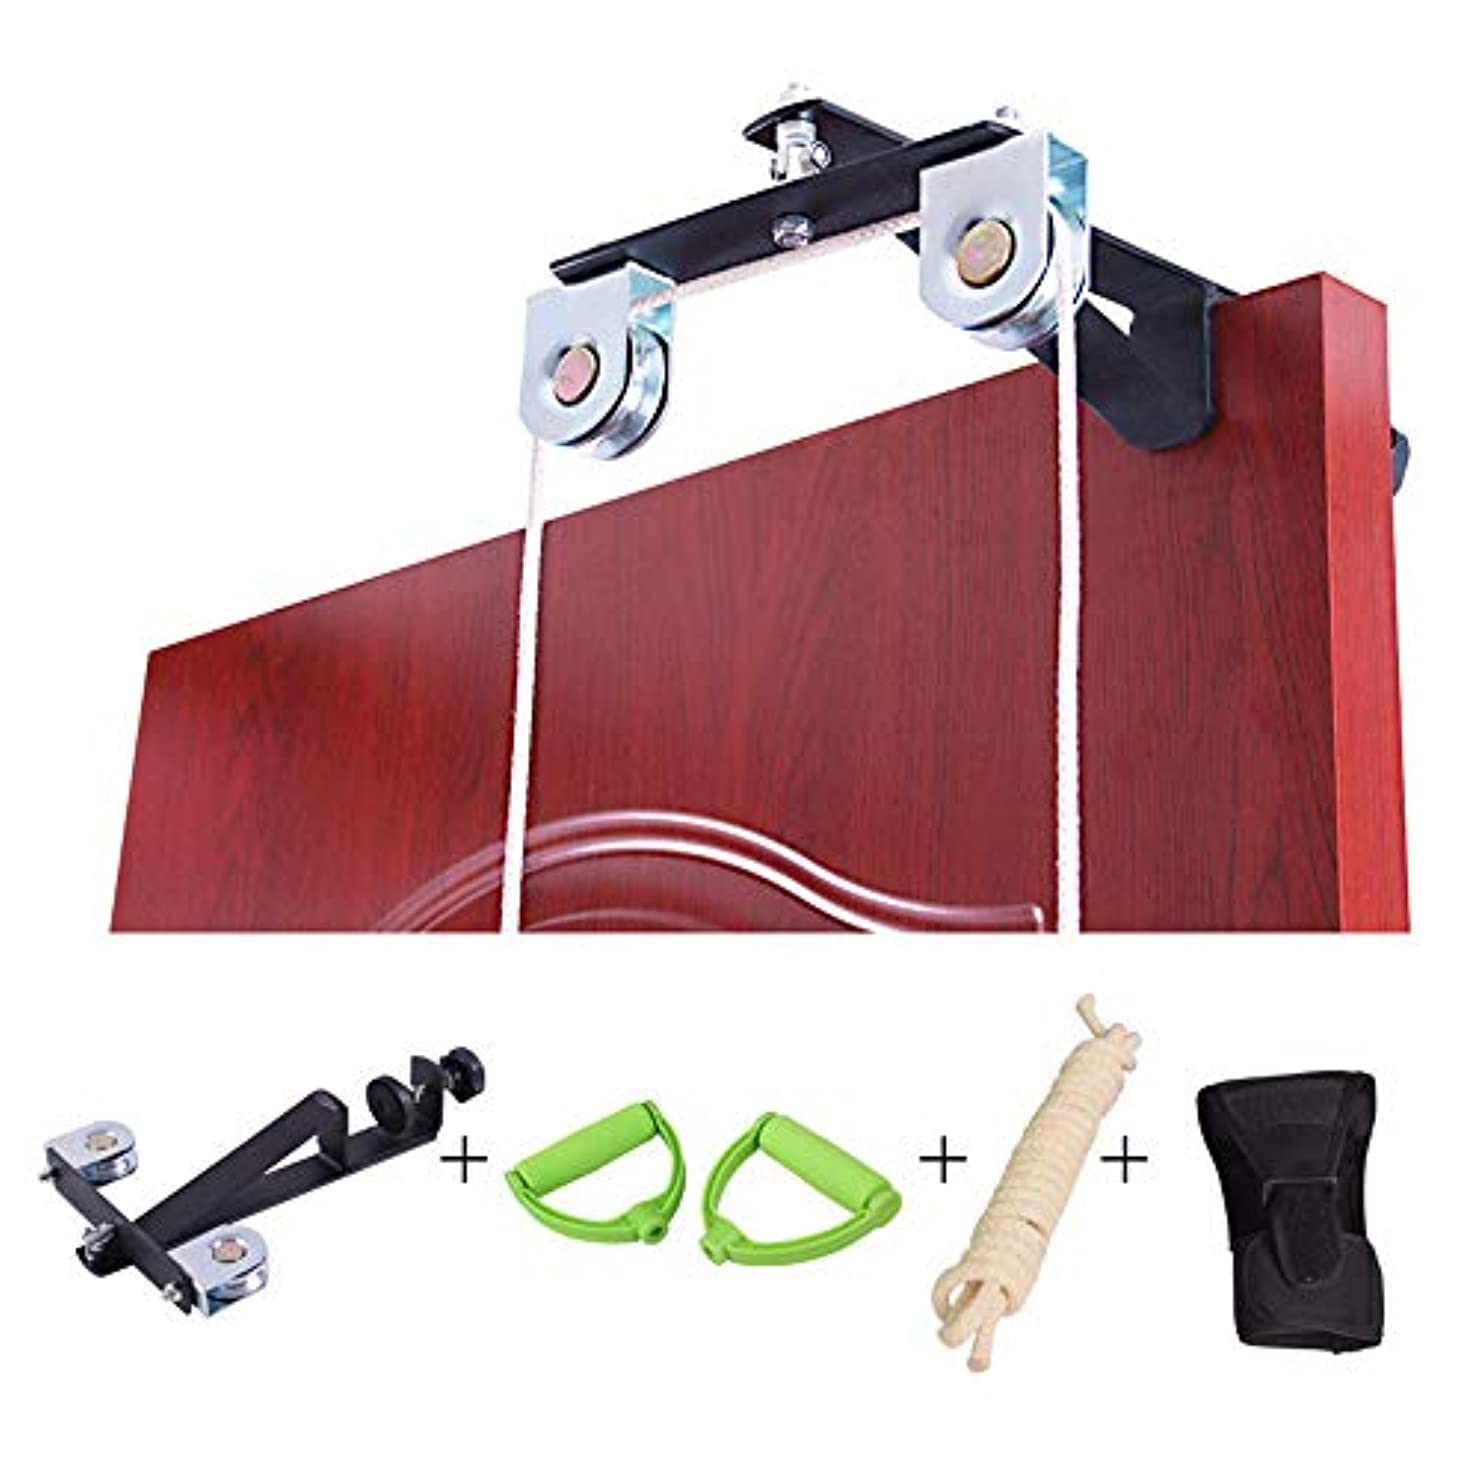 興奮改善満足できる家庭用 肩のリハビリ機器 滑車訓練機 肩甲骨ストレッチャー 肩を大きく動かすエクササイズダブルプーリーデザイン